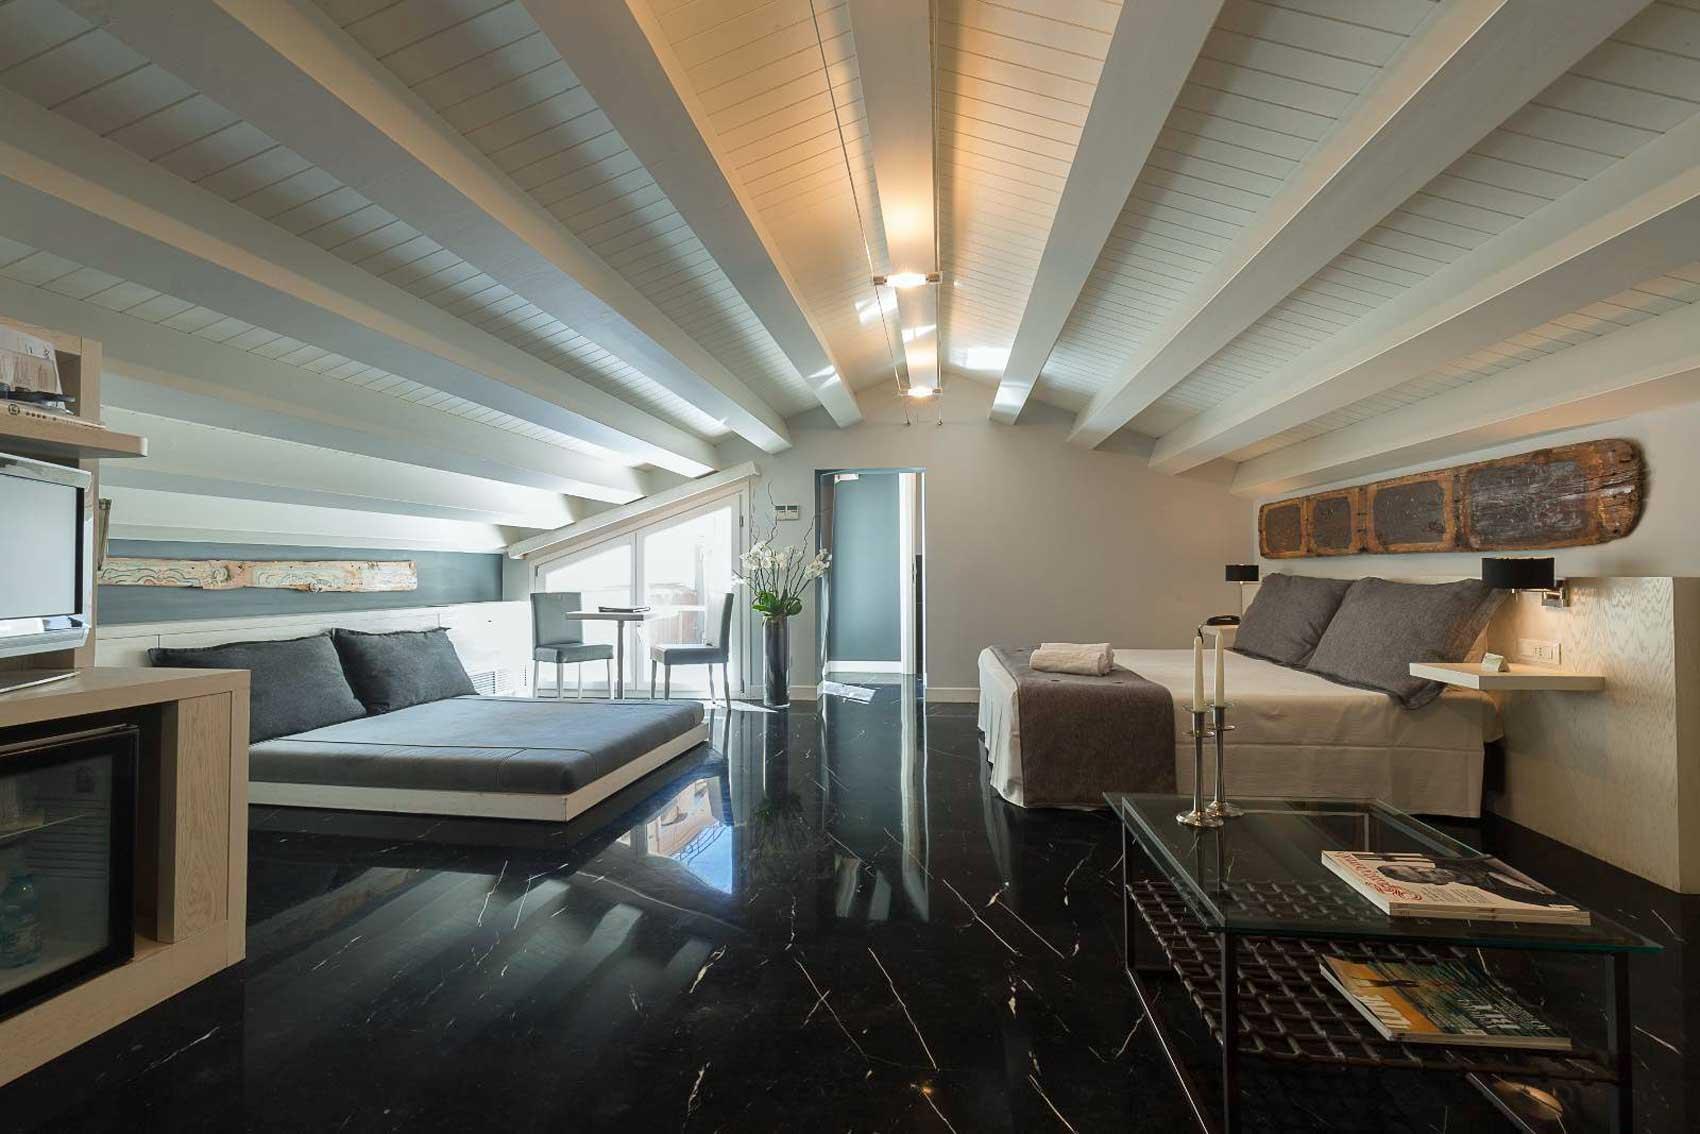 Quintocanto Hotel Spa, Palerme Sicile (une Suite)